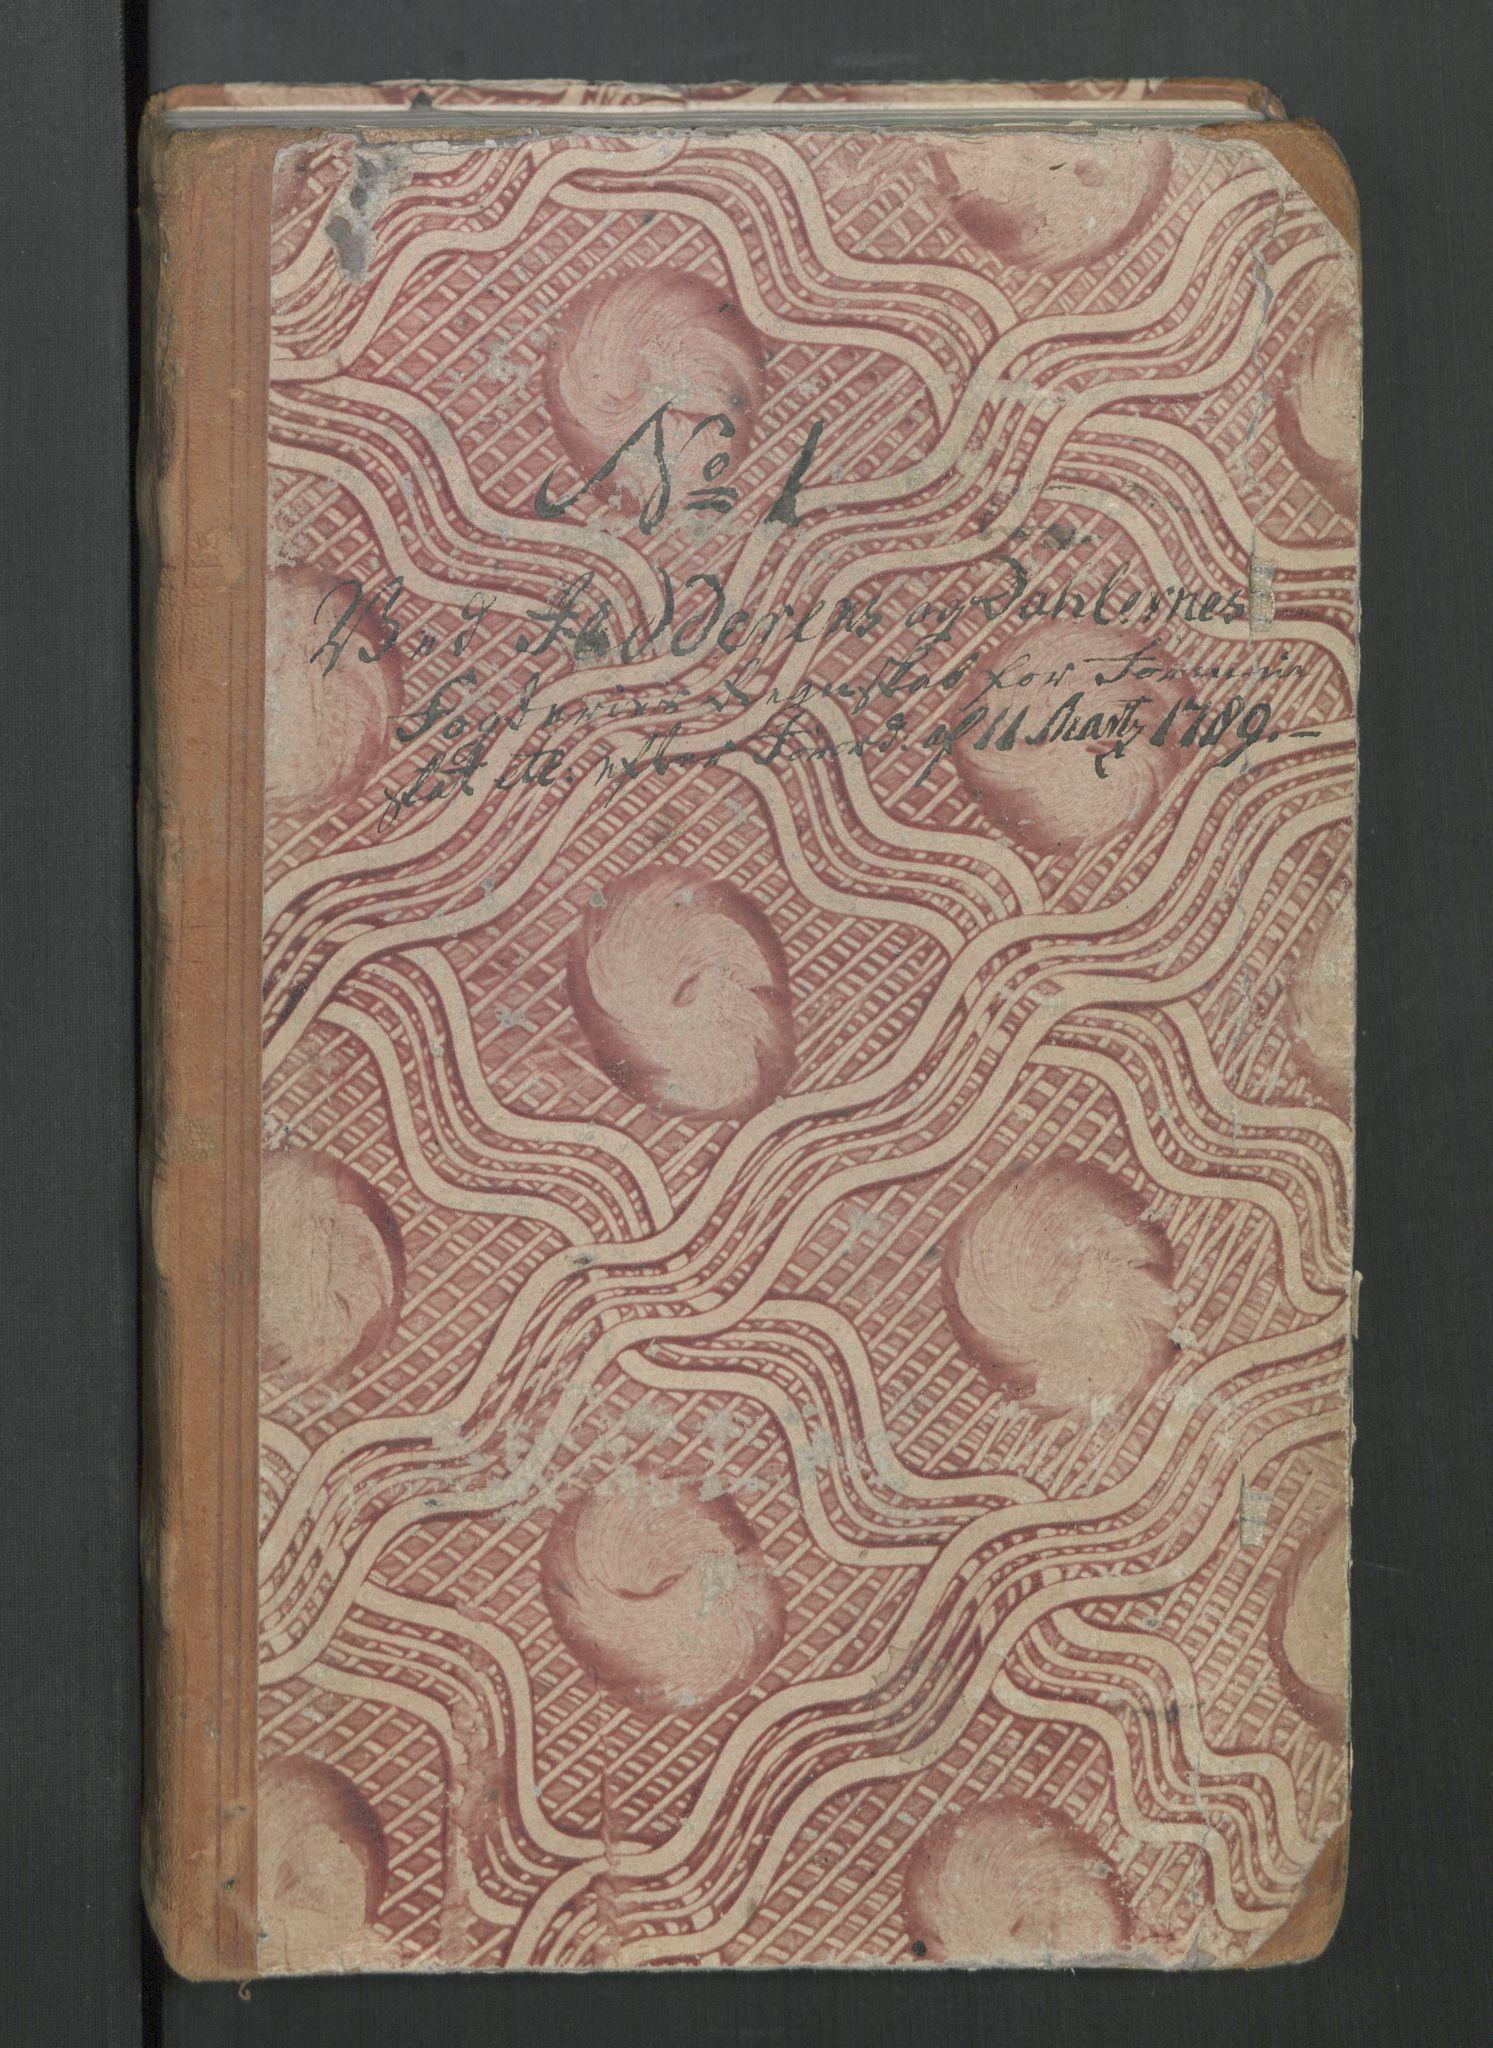 RA, Rentekammeret inntil 1814, Reviderte regnskaper, Mindre regnskaper, Rf/Rfe/L0019: Jæren og Dalane fogderi, Kongsberg, 1789, s. 3